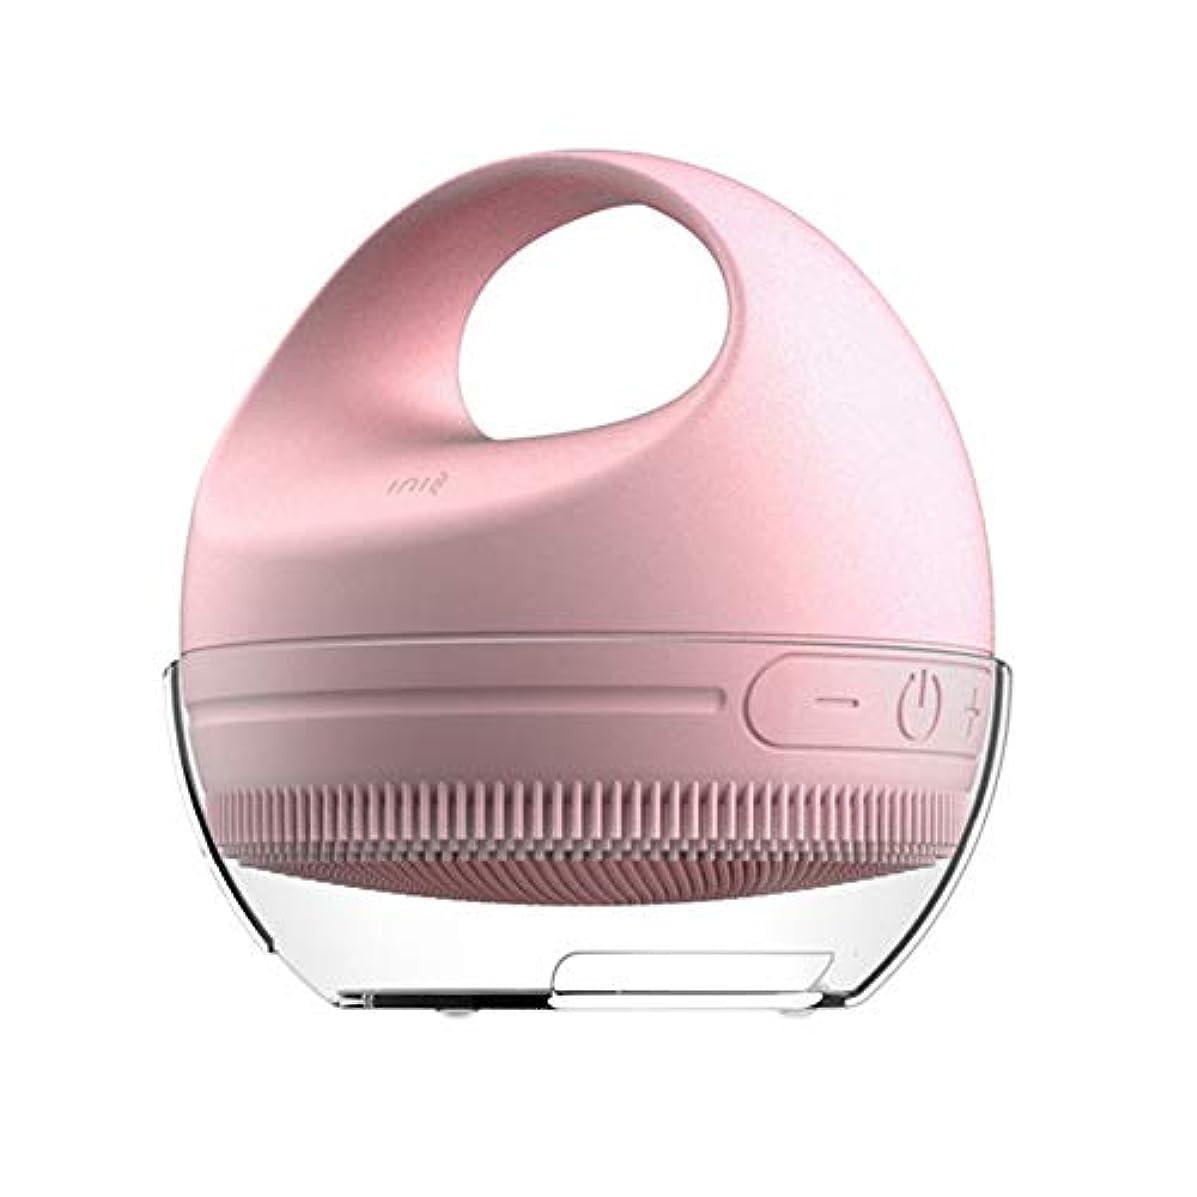 困難実行する発信電気暖かい/振動シリコーンフェイスクレンザーとマッサージブラシをアップグレードしてください自己乾燥技術を使って、滑り止めのハンドル、インテリジェントなタイミング、防水IPX6、1200 mAhバッテリ,Pink